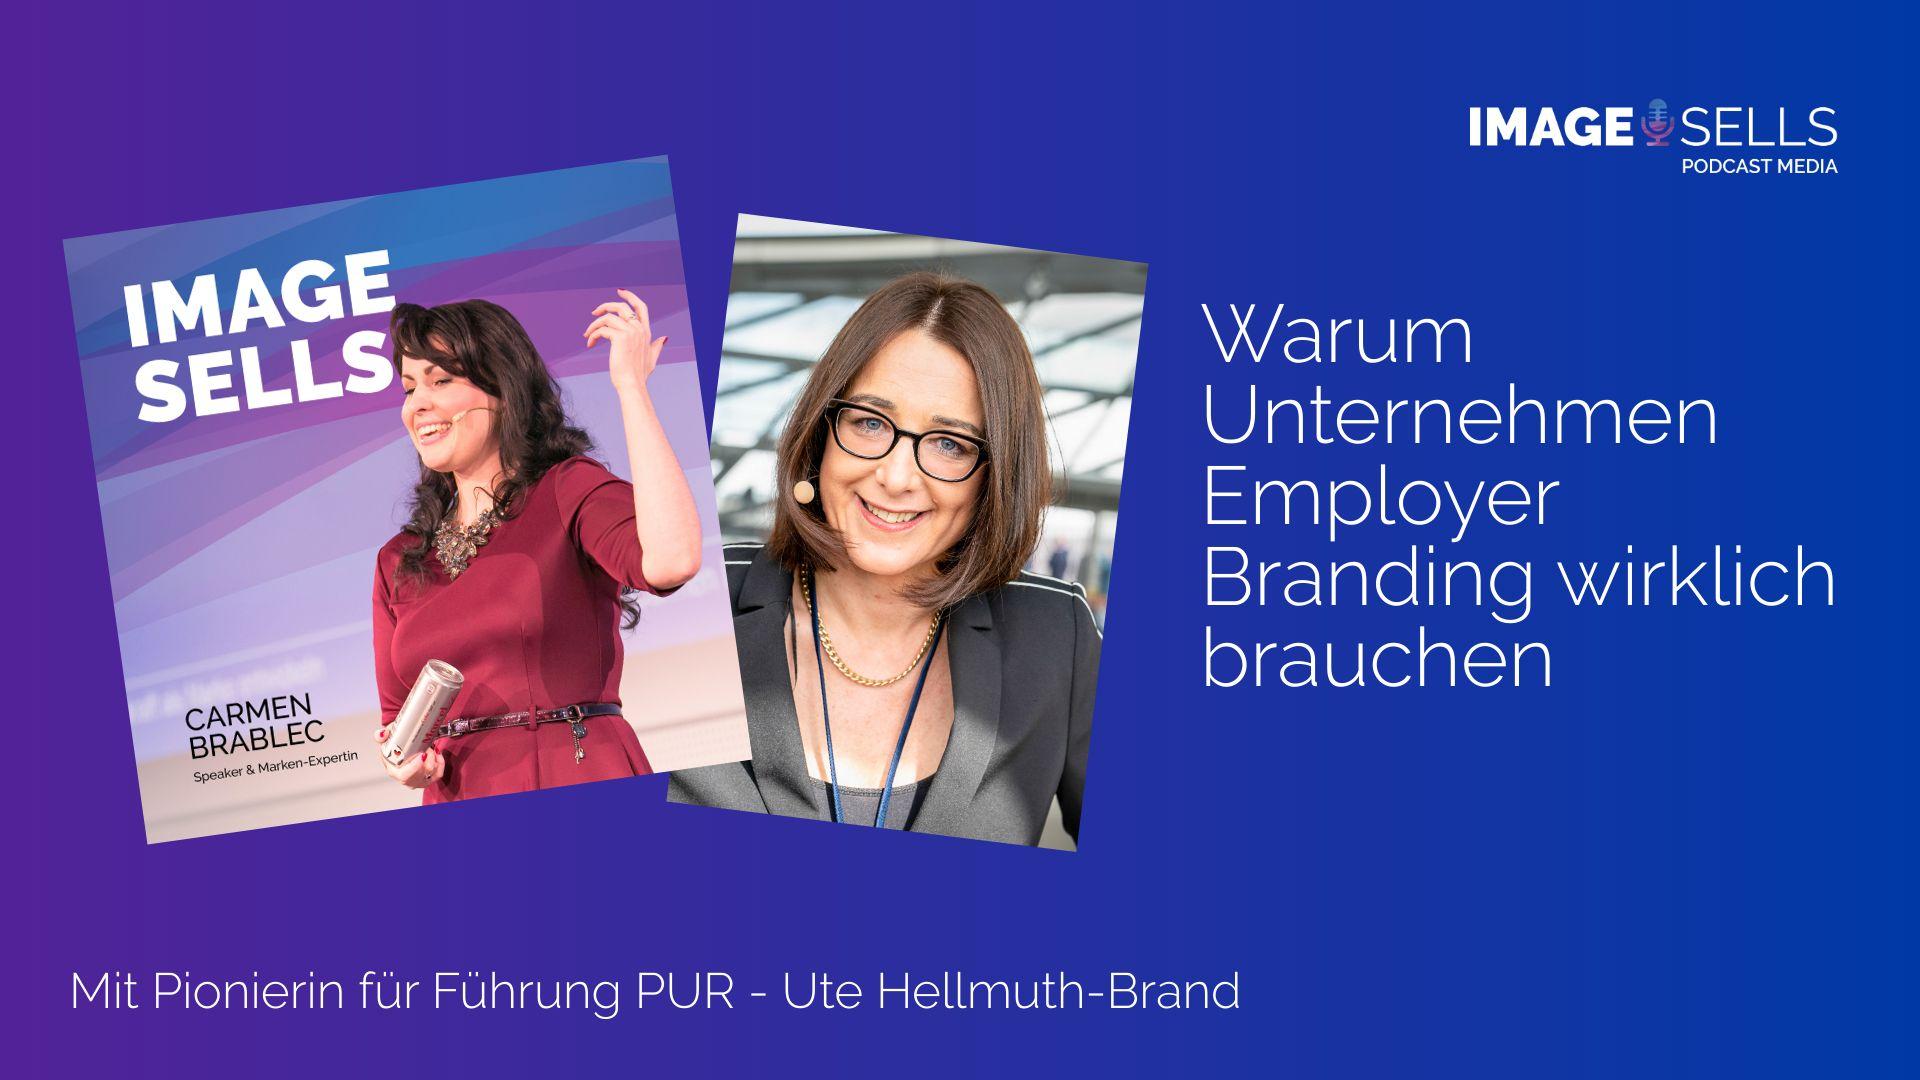 Warum Unternehmen Employer Branding wirklich brauchen